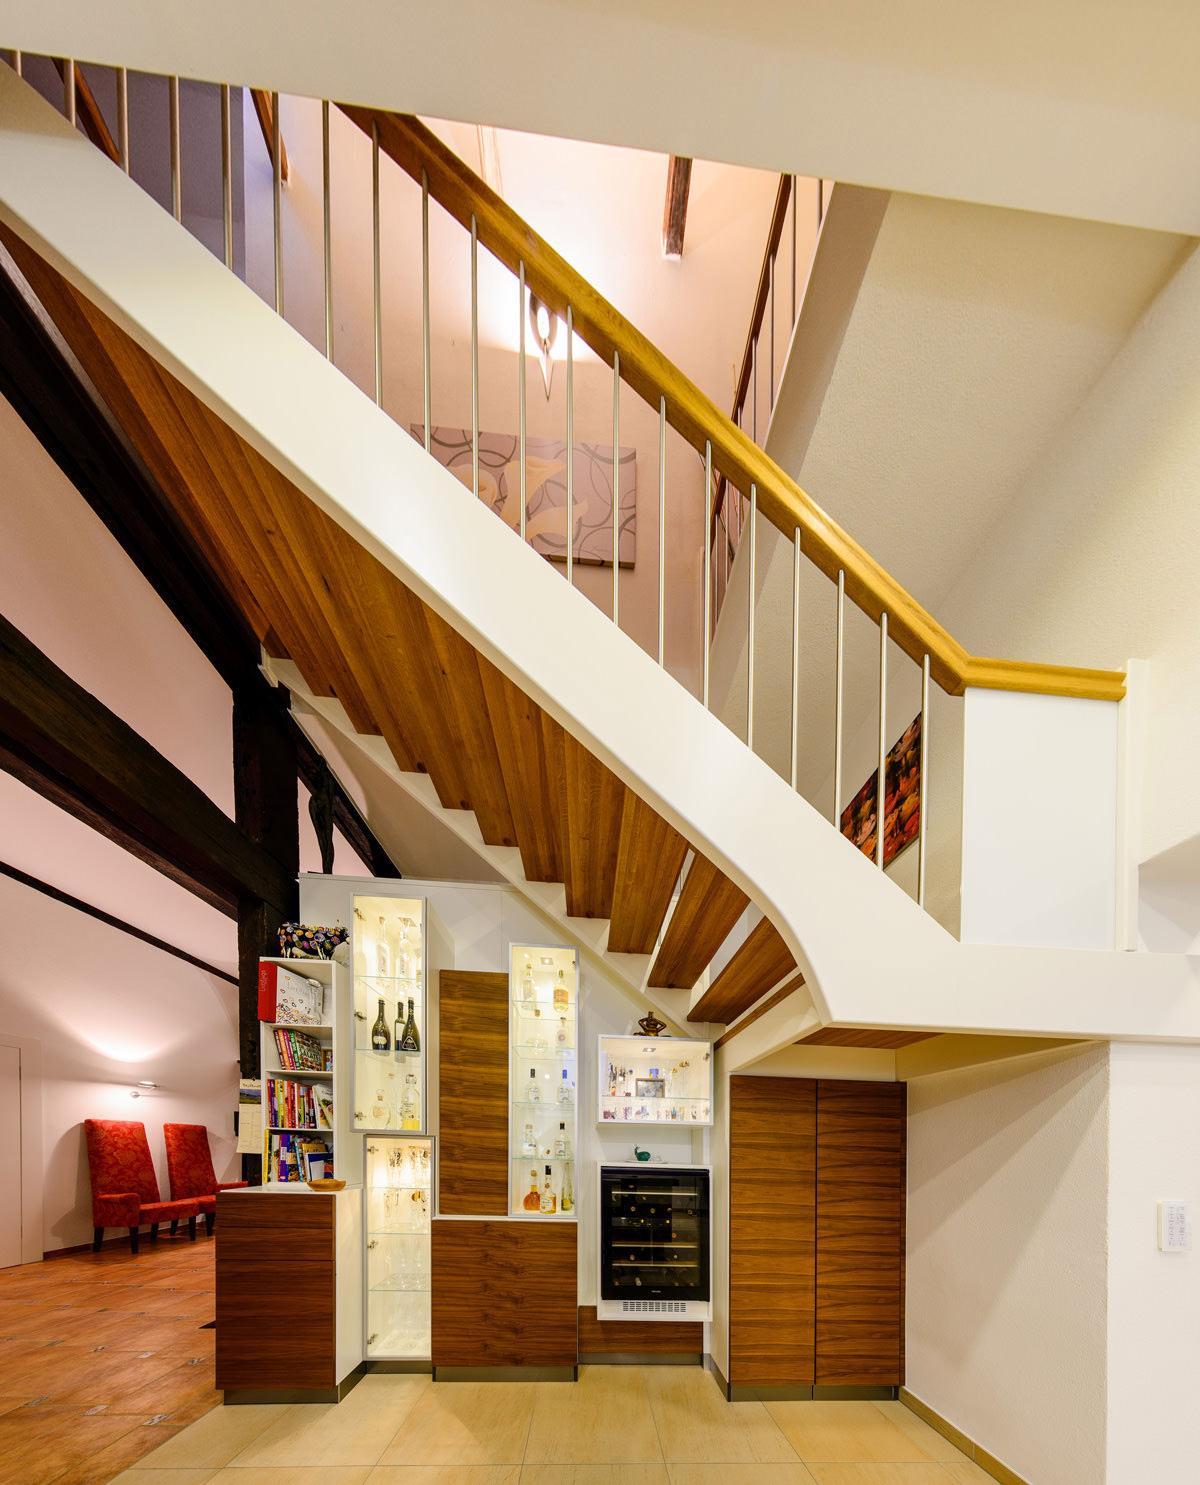 Tischlerei Hagemeier, Projekte, Referenz in Brockhagen, Möbel und Treppe